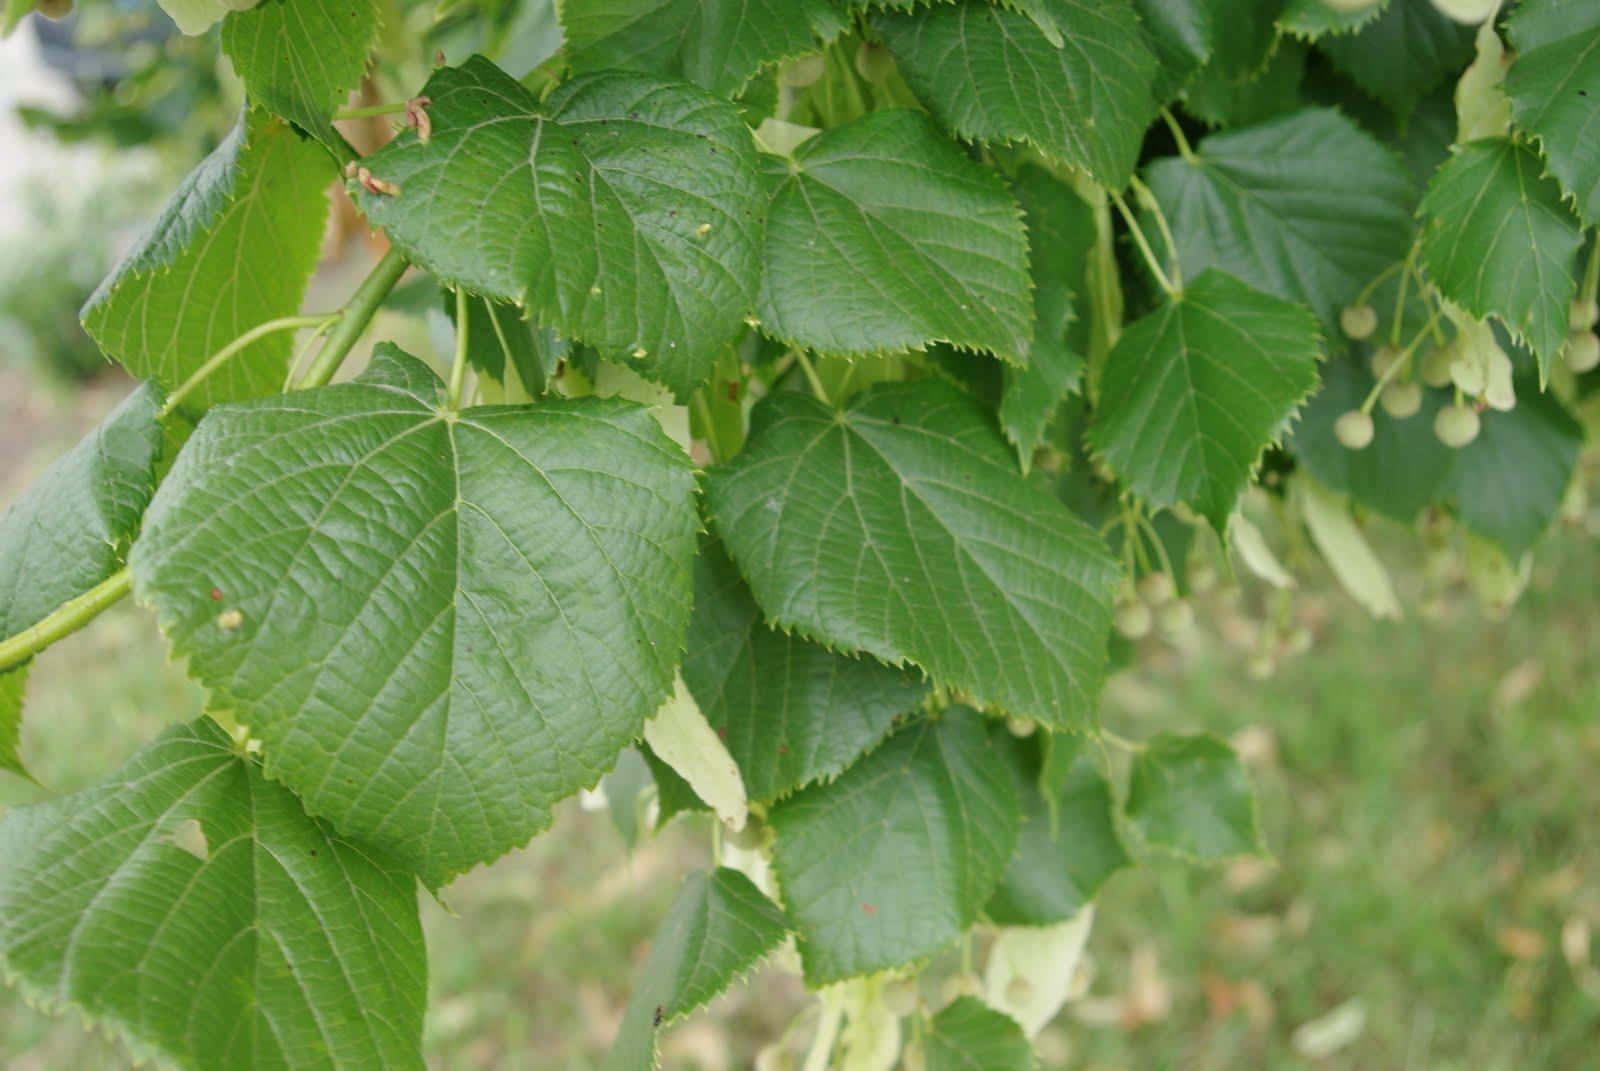 Flore en valois tilleul grandes feuilles tilia - Tilleul a grandes feuilles ...